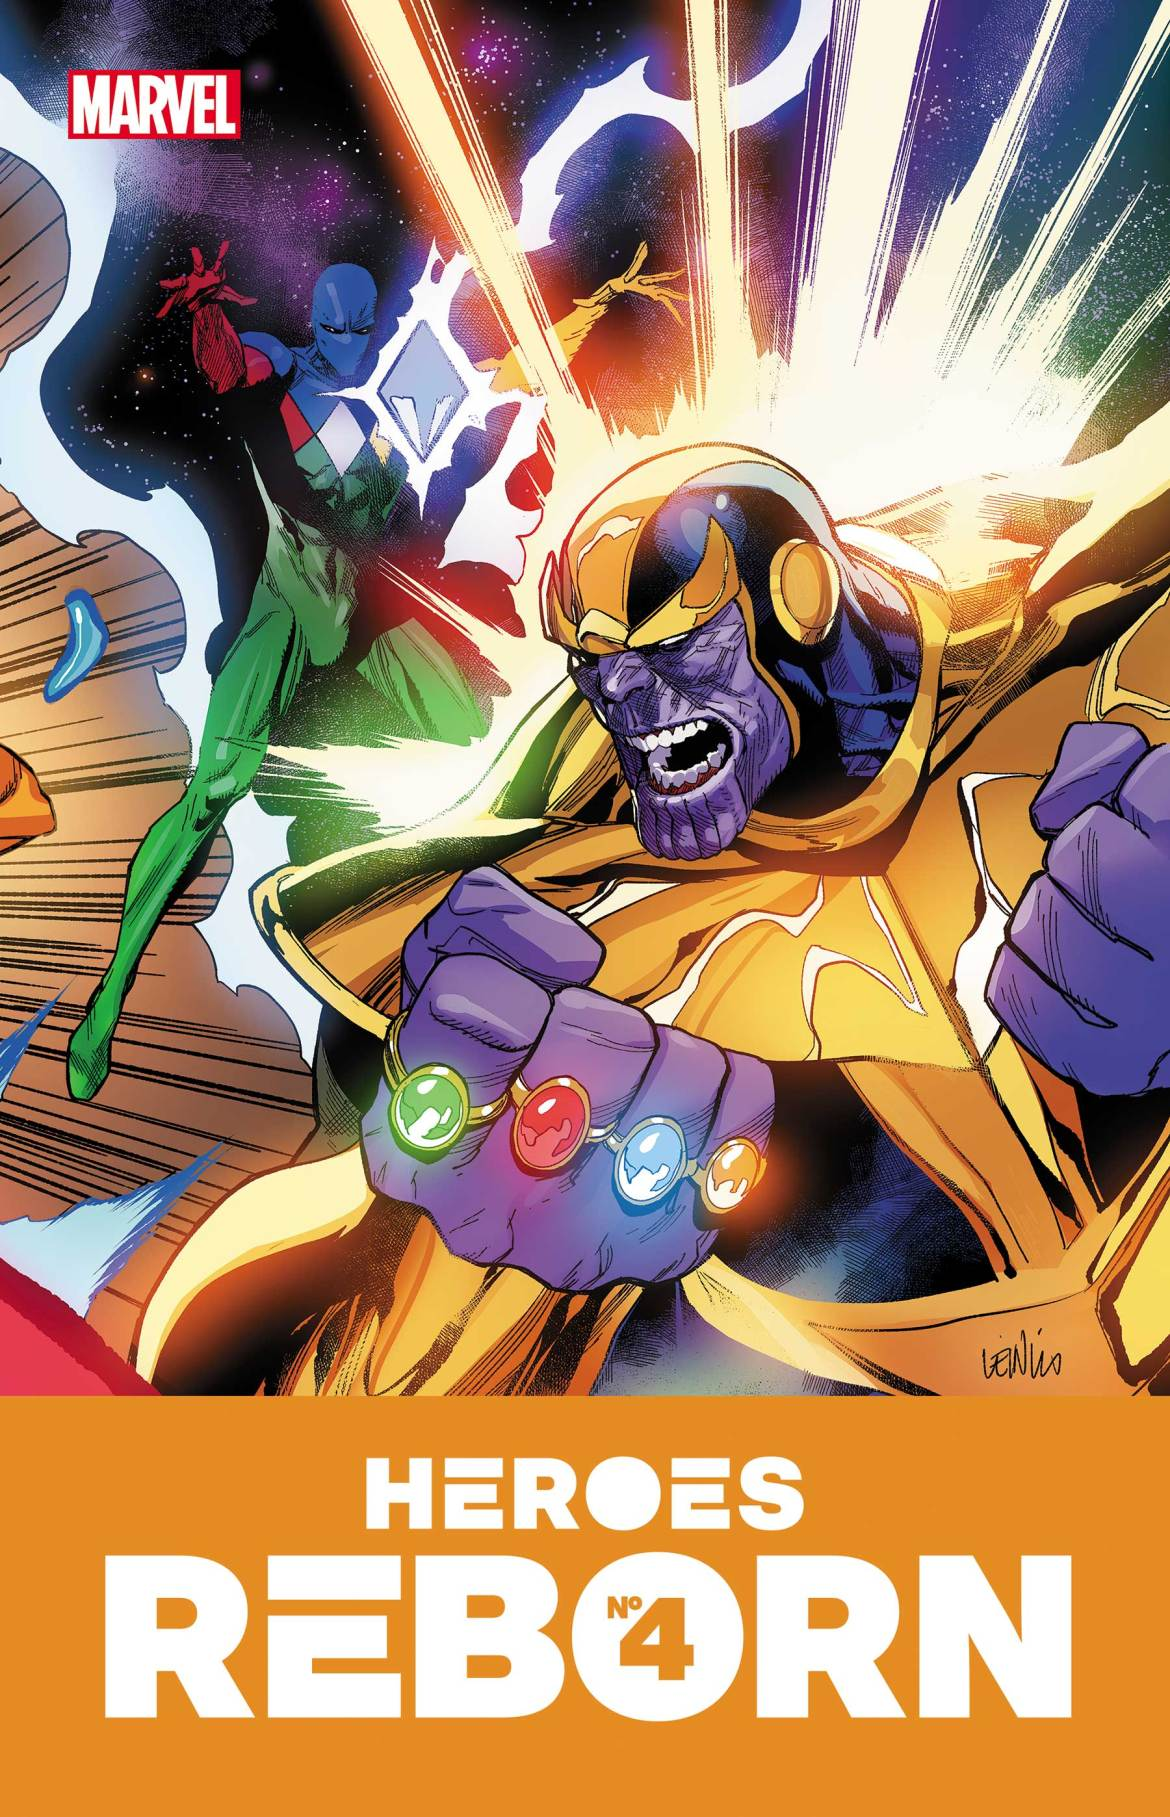 HEROESREBORN2021004 Marvel Comics May 2021 Solicitations